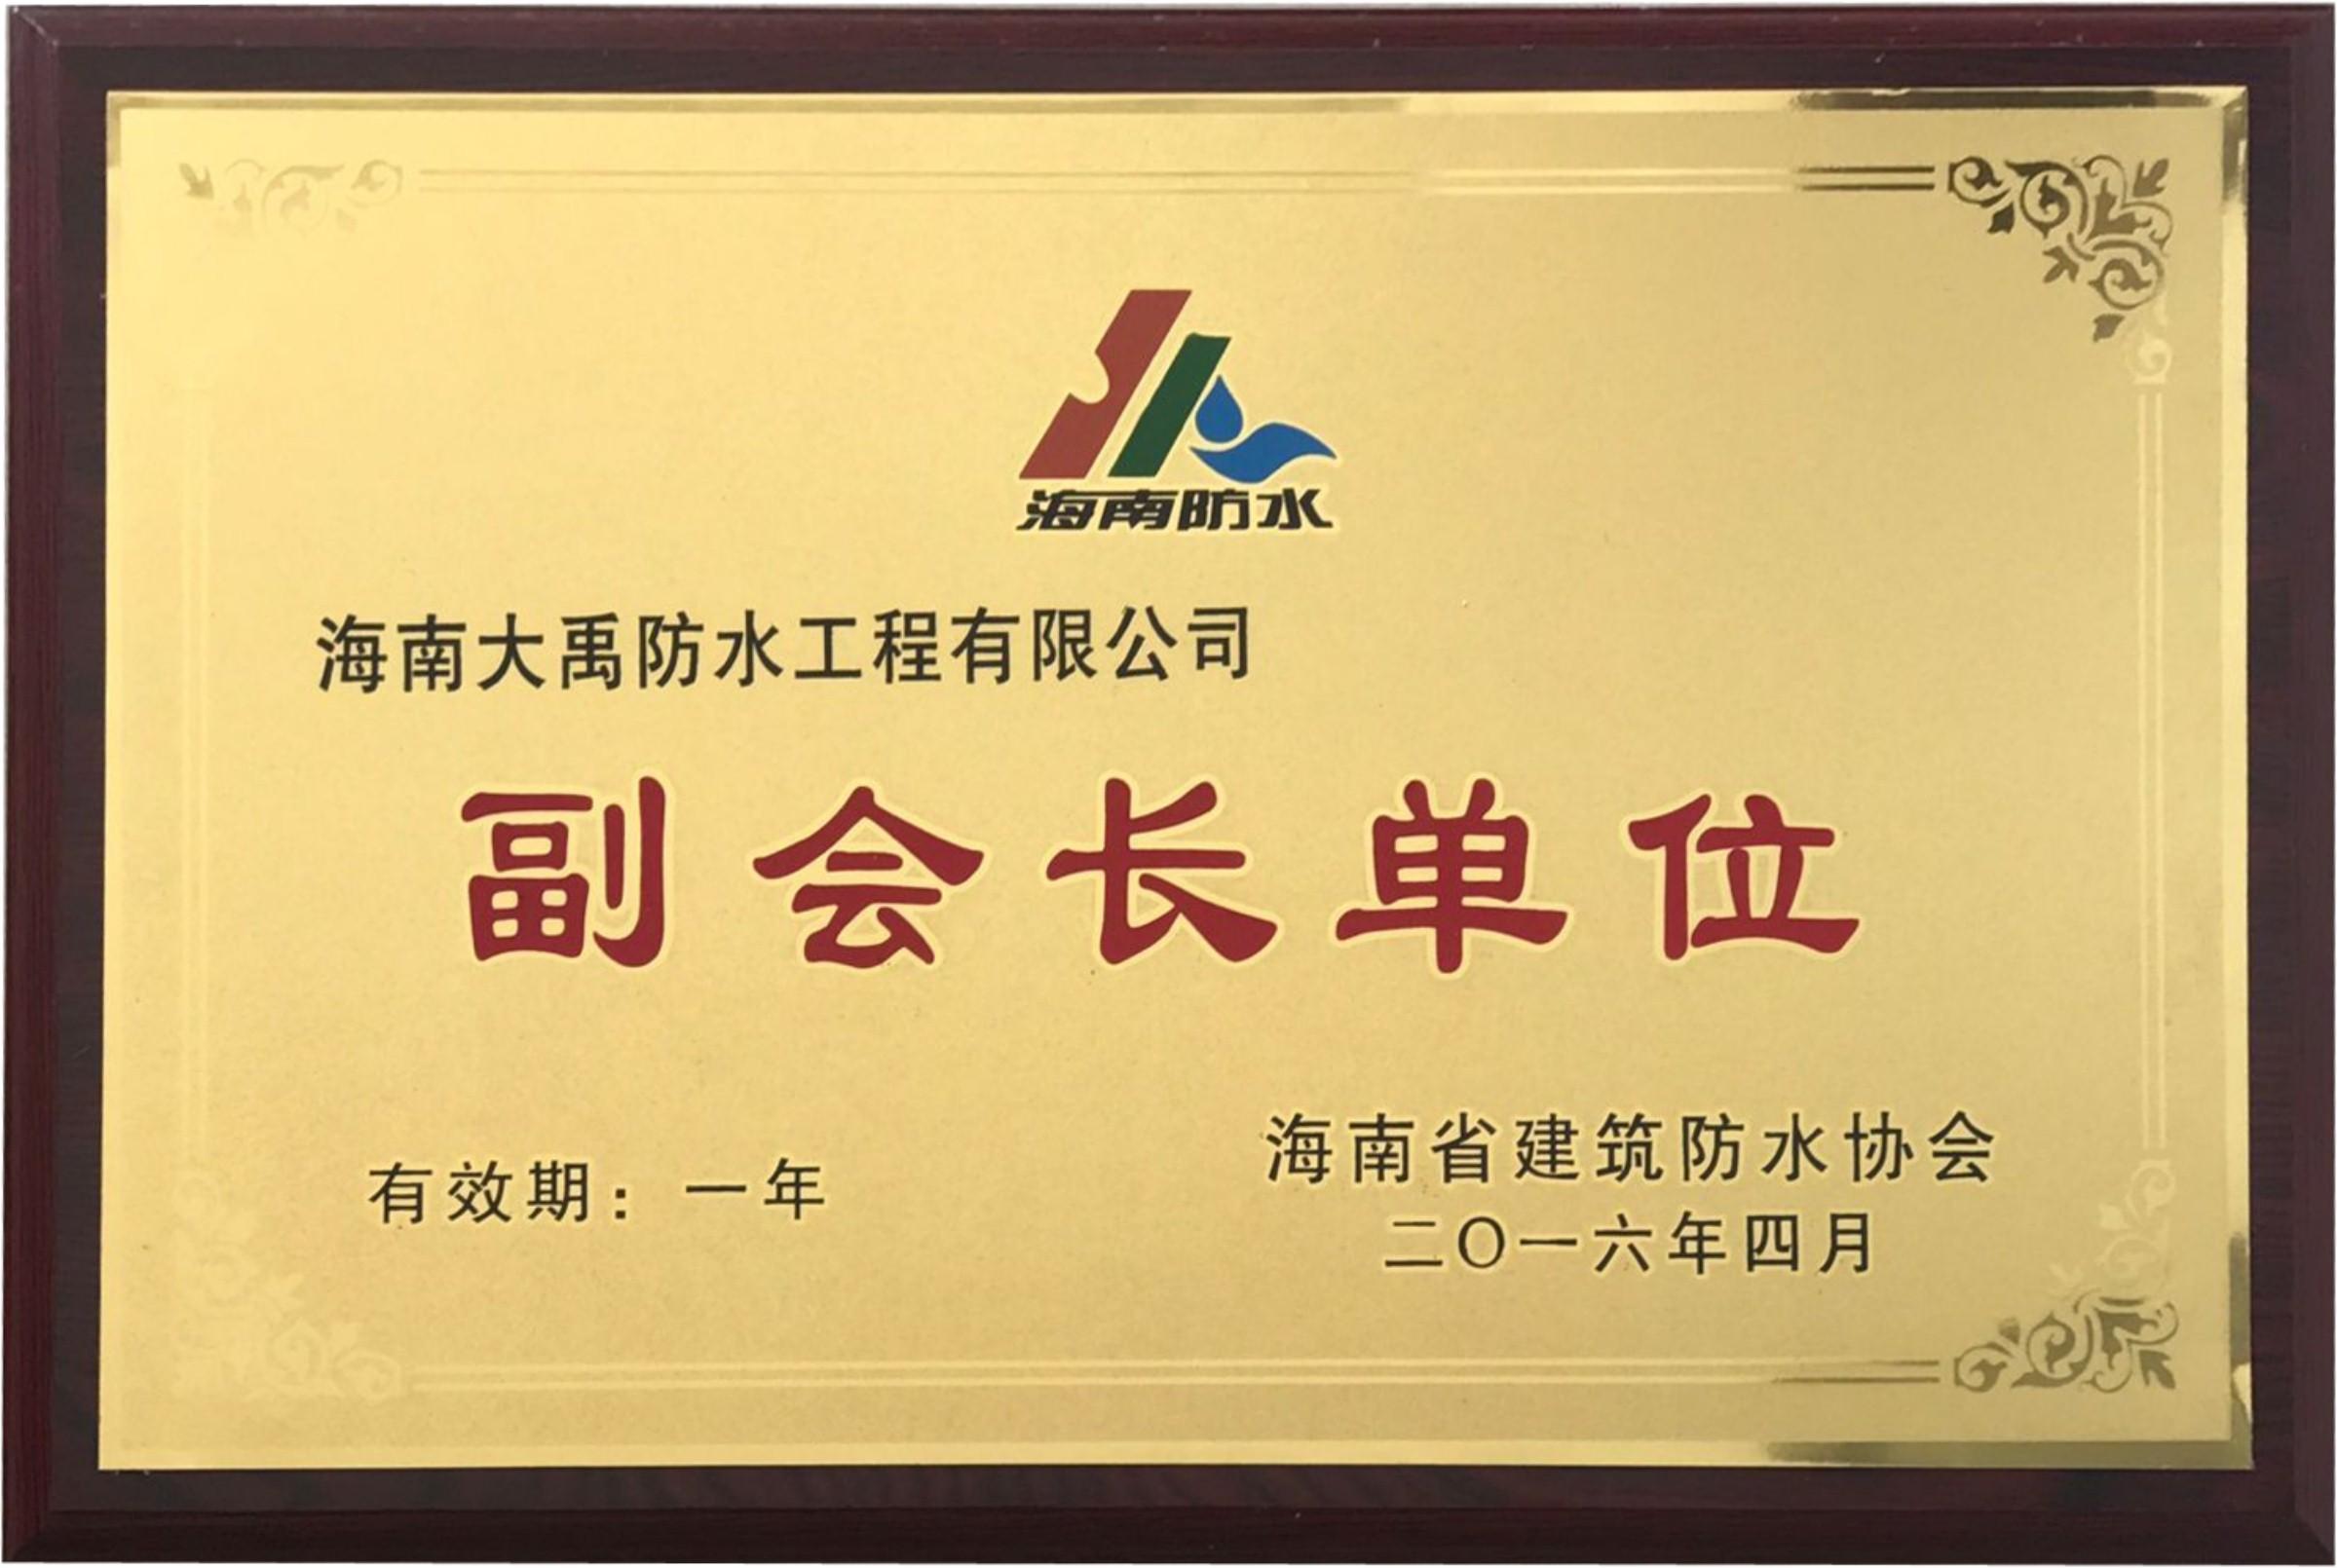 海南省建筑万博manbetx官网协会副会长单位16年